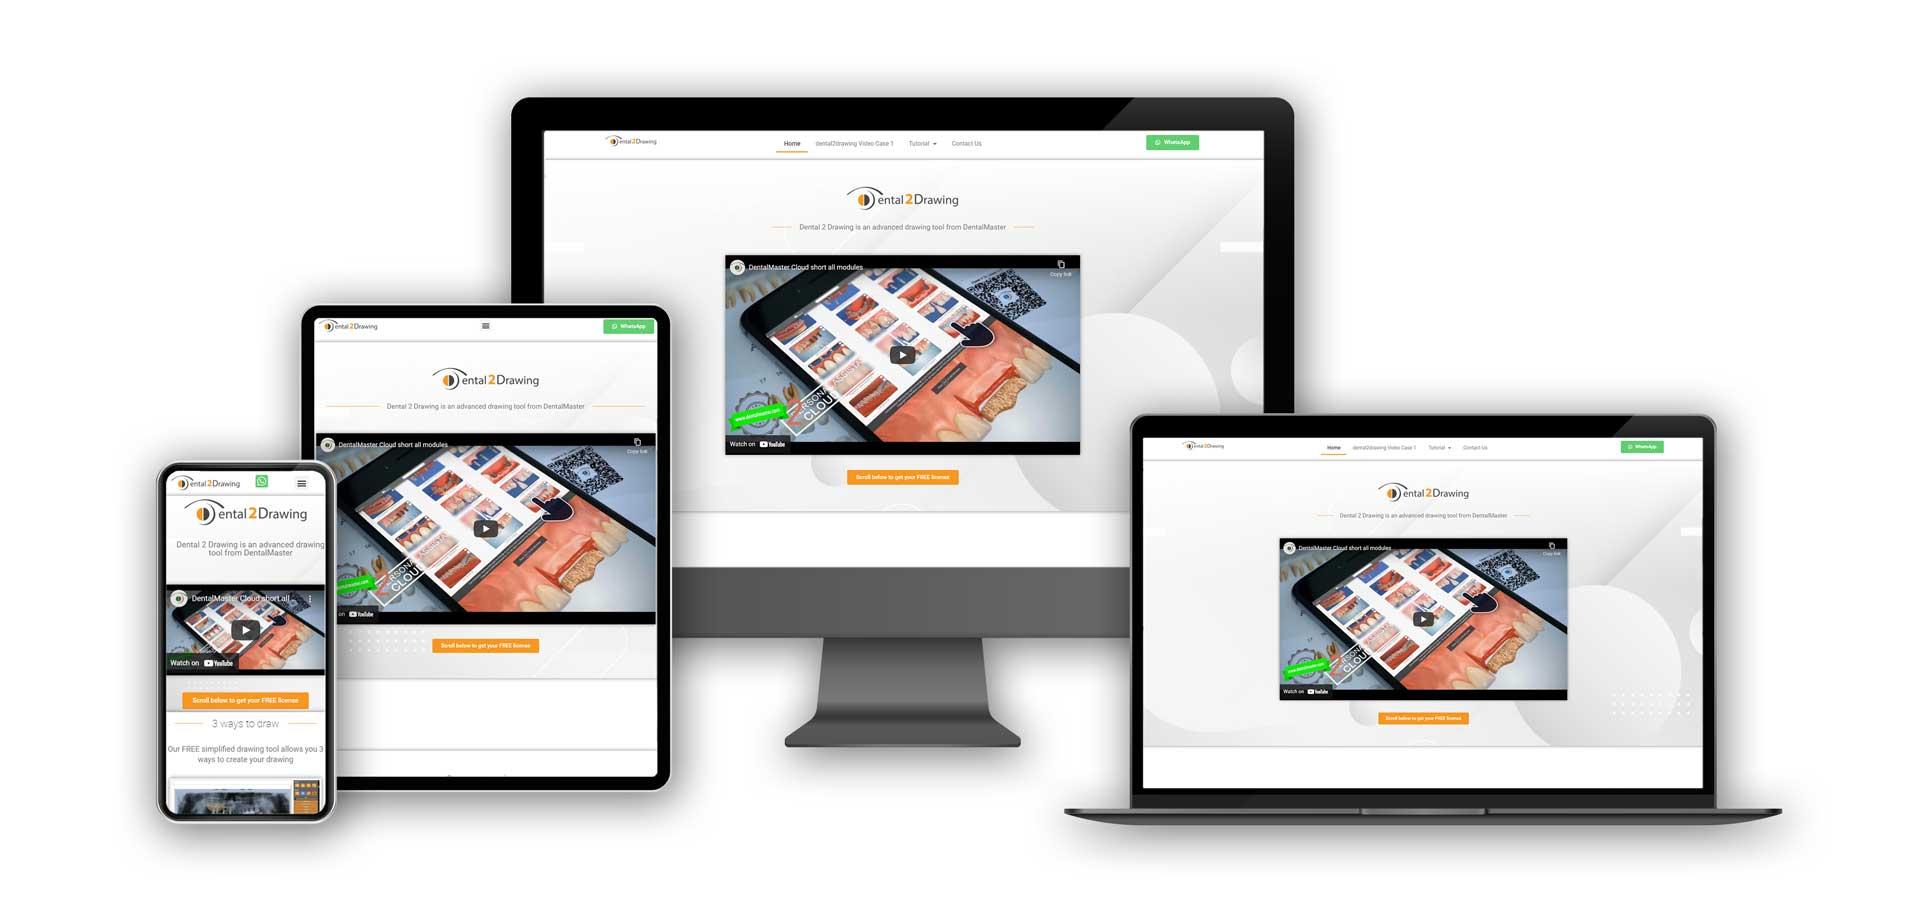 Dental2Drawing website on various screens